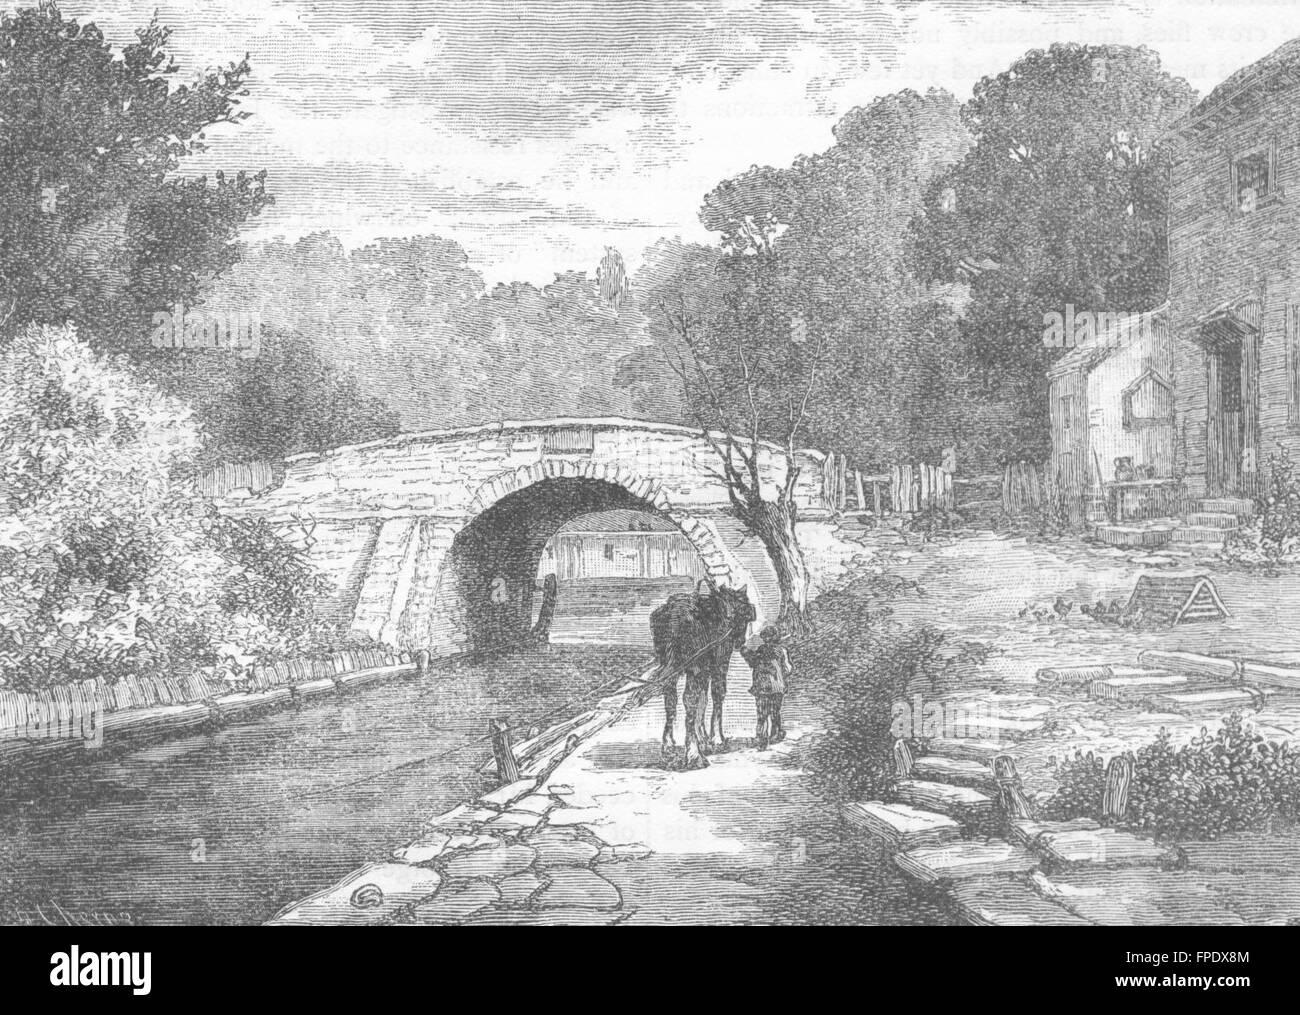 LEWISHAM: Old Sydenham Bridge, 1831, antique print 1888 - Stock Image